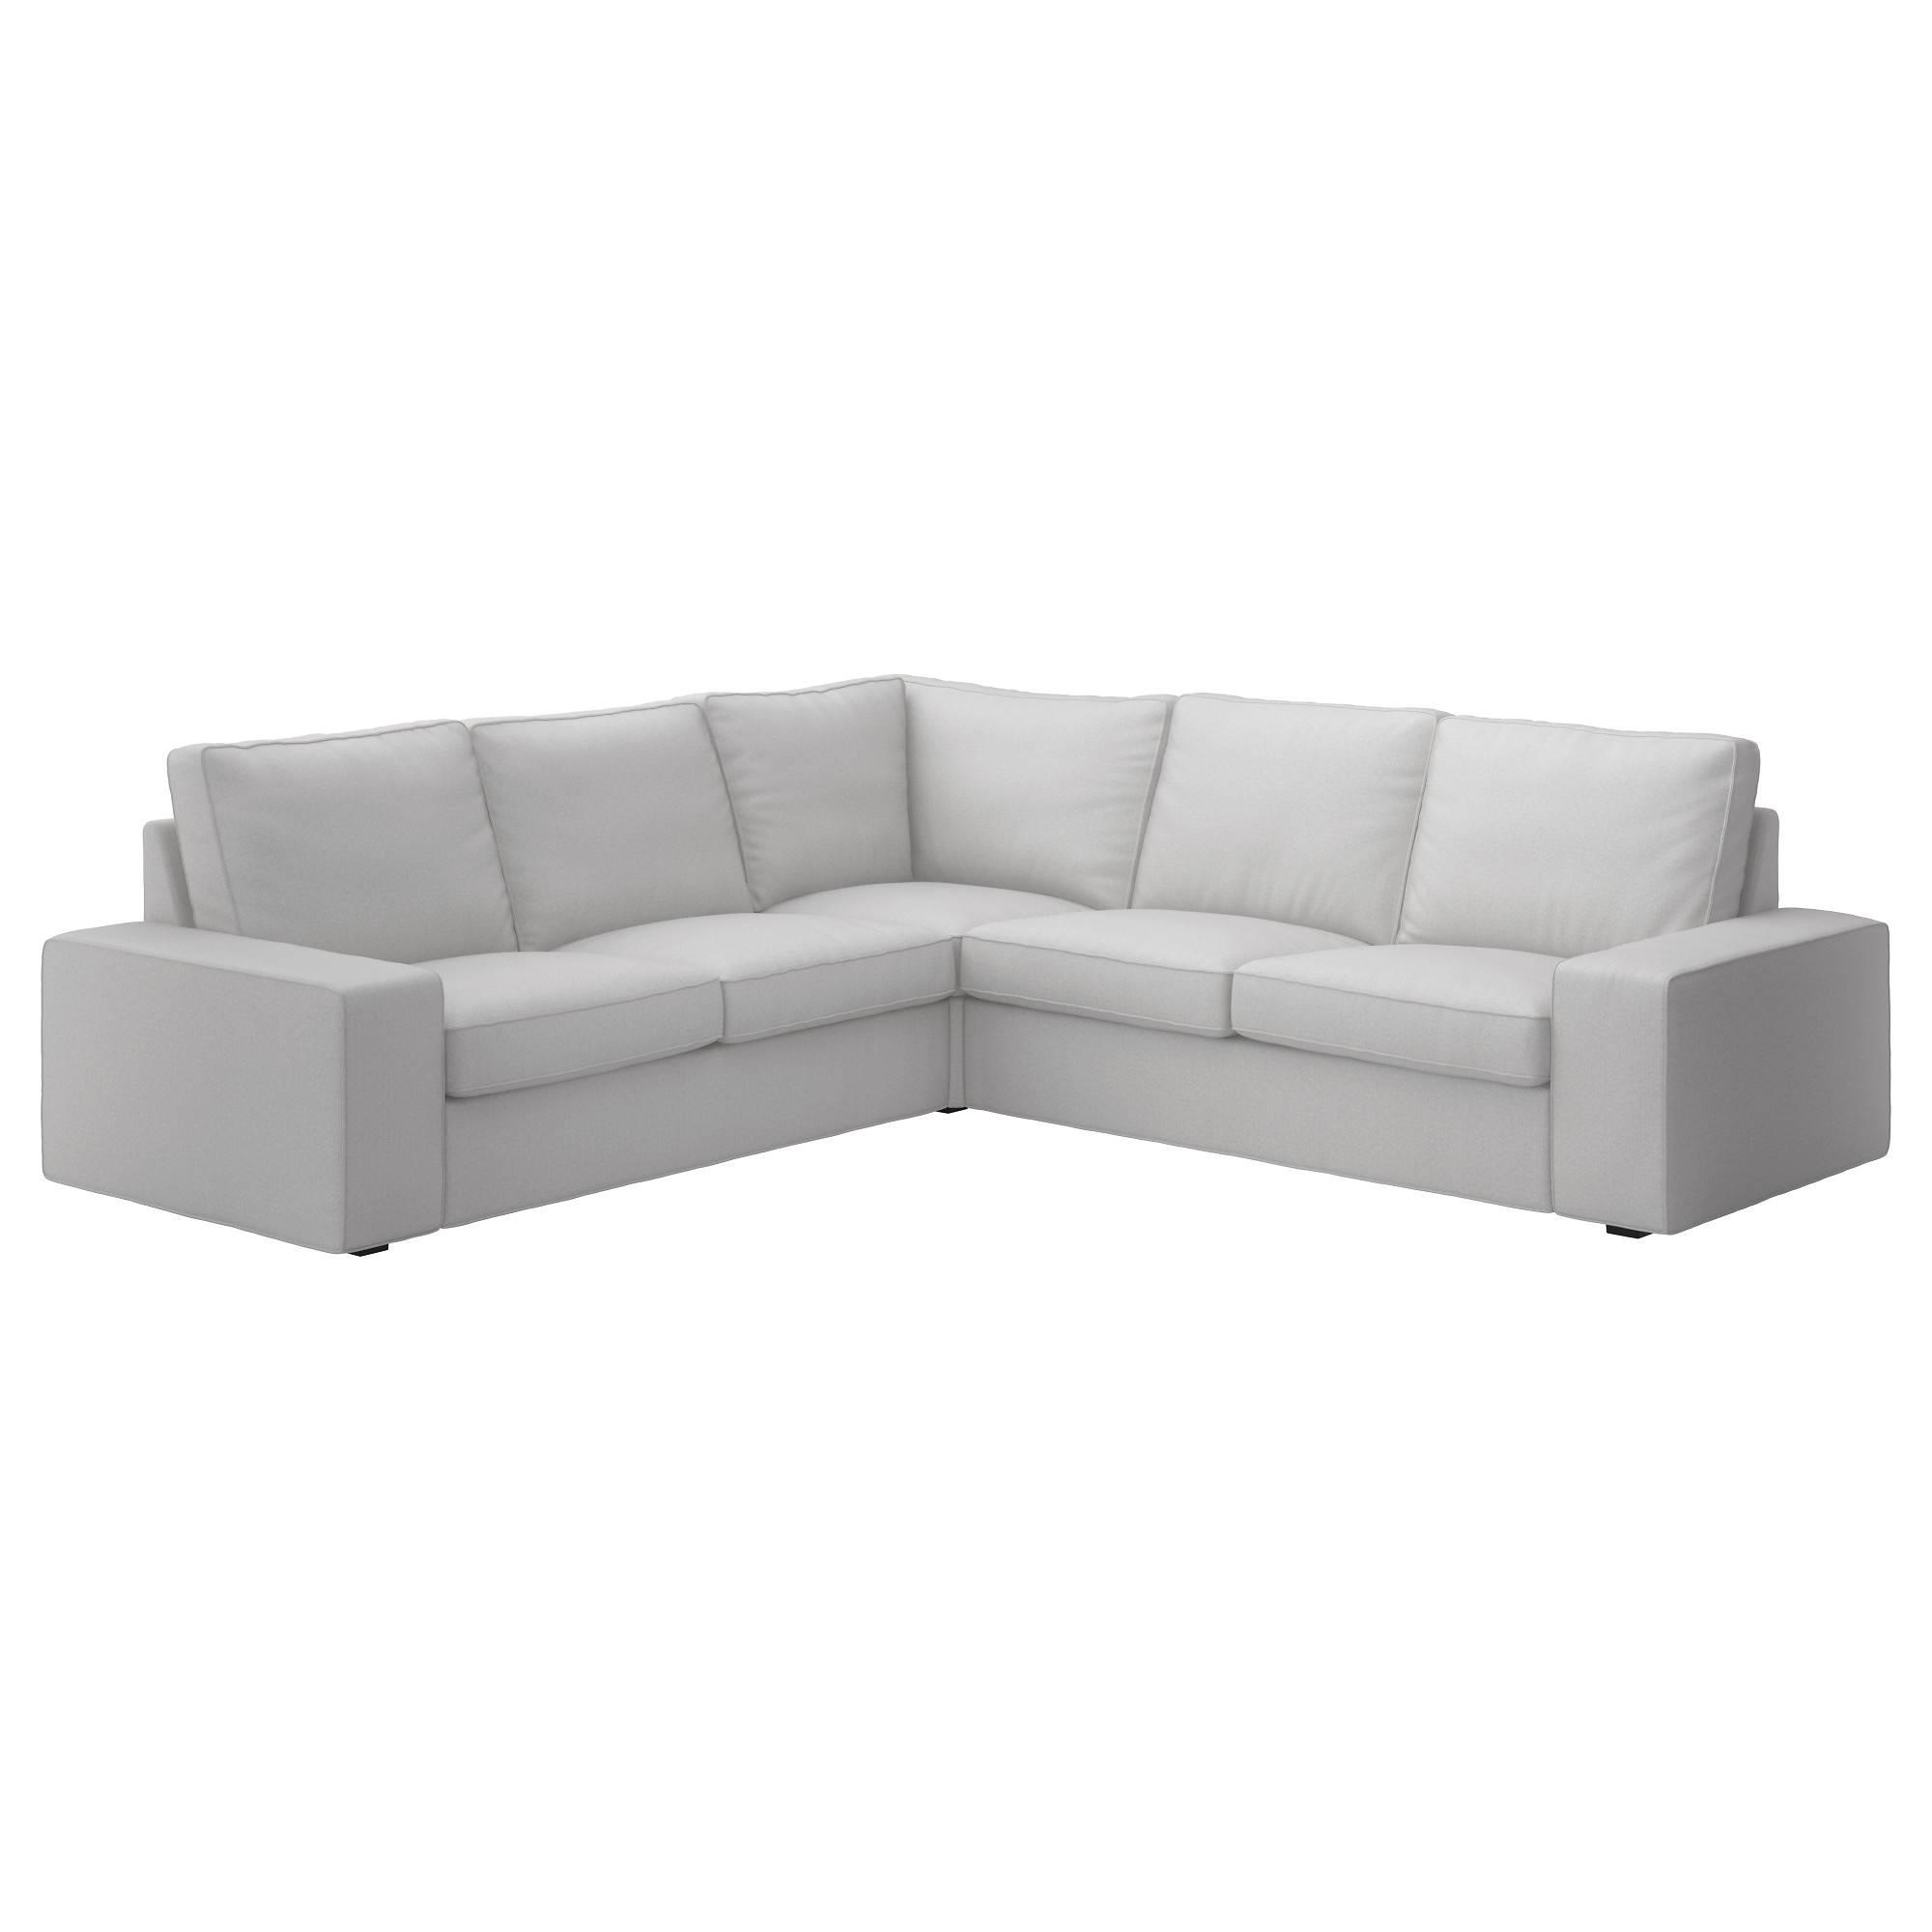 Kivik Sectional, 4-Seat Corner - Orrsta Light Gray - Ikea throughout 2X2 Corner Sofas (Image 19 of 30)